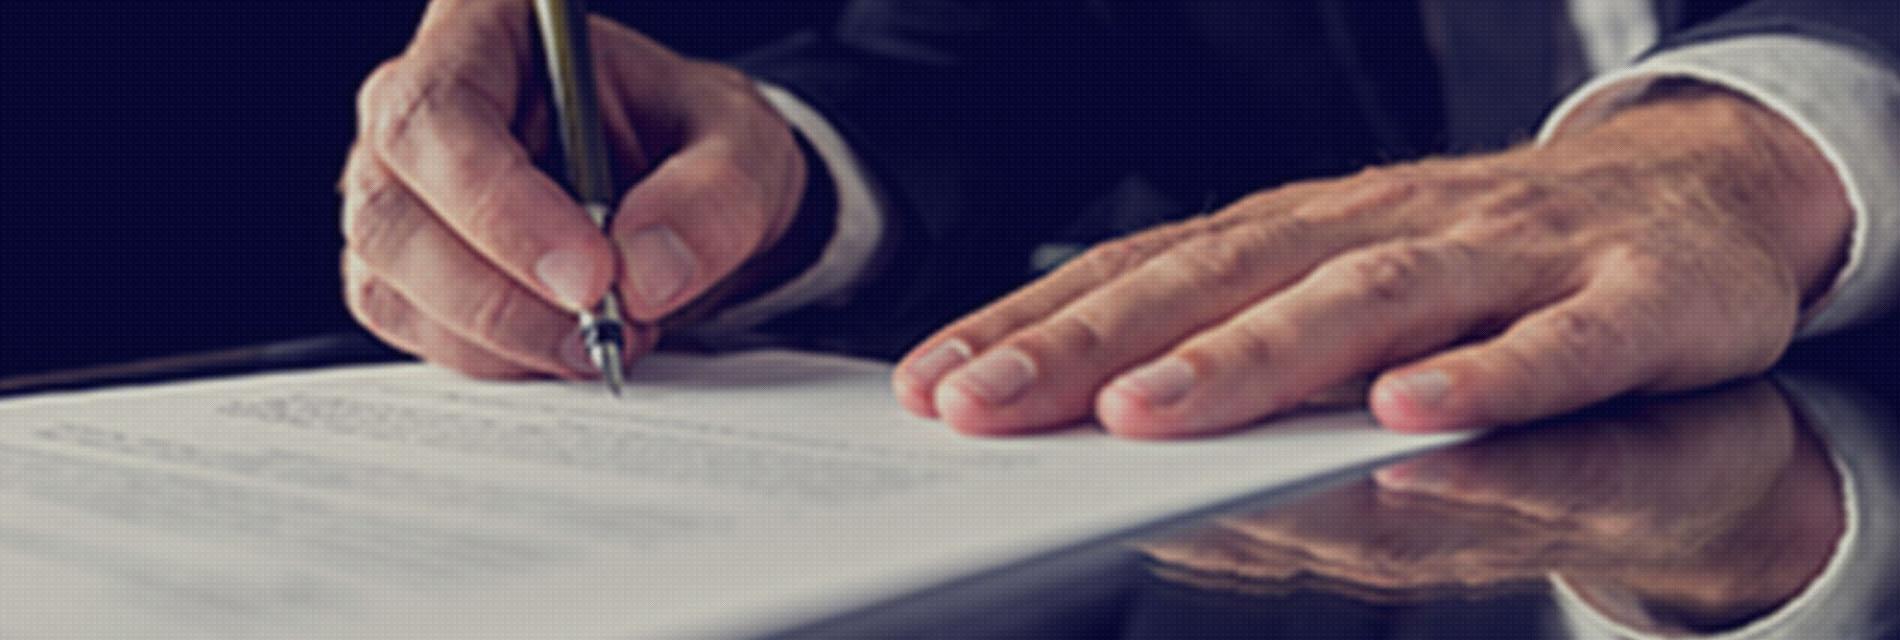 Livraison documents confidentiels